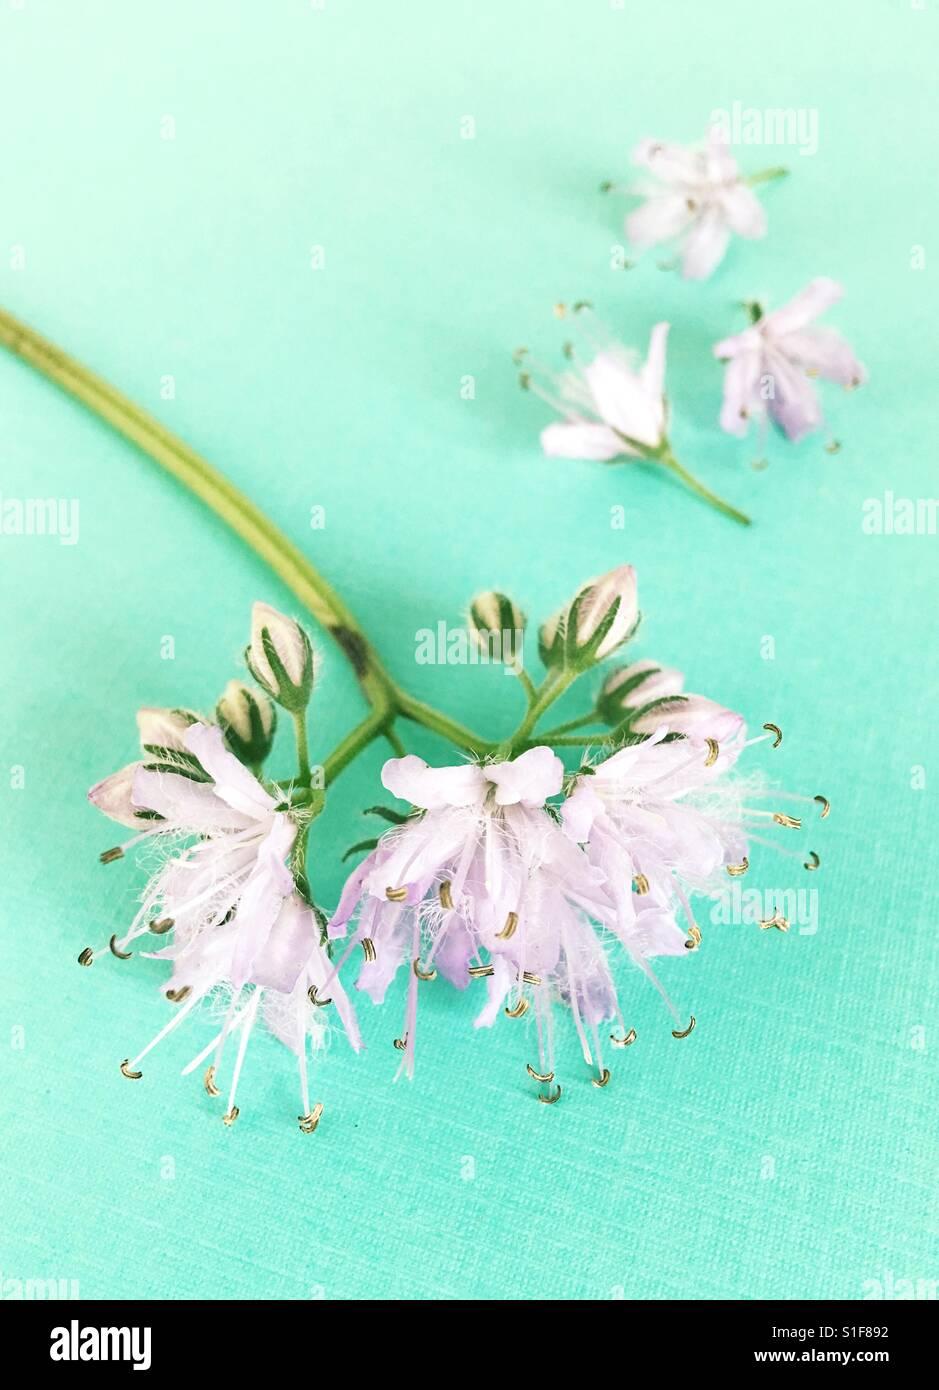 Une fleur avec des pièces détachées. Photo Stock